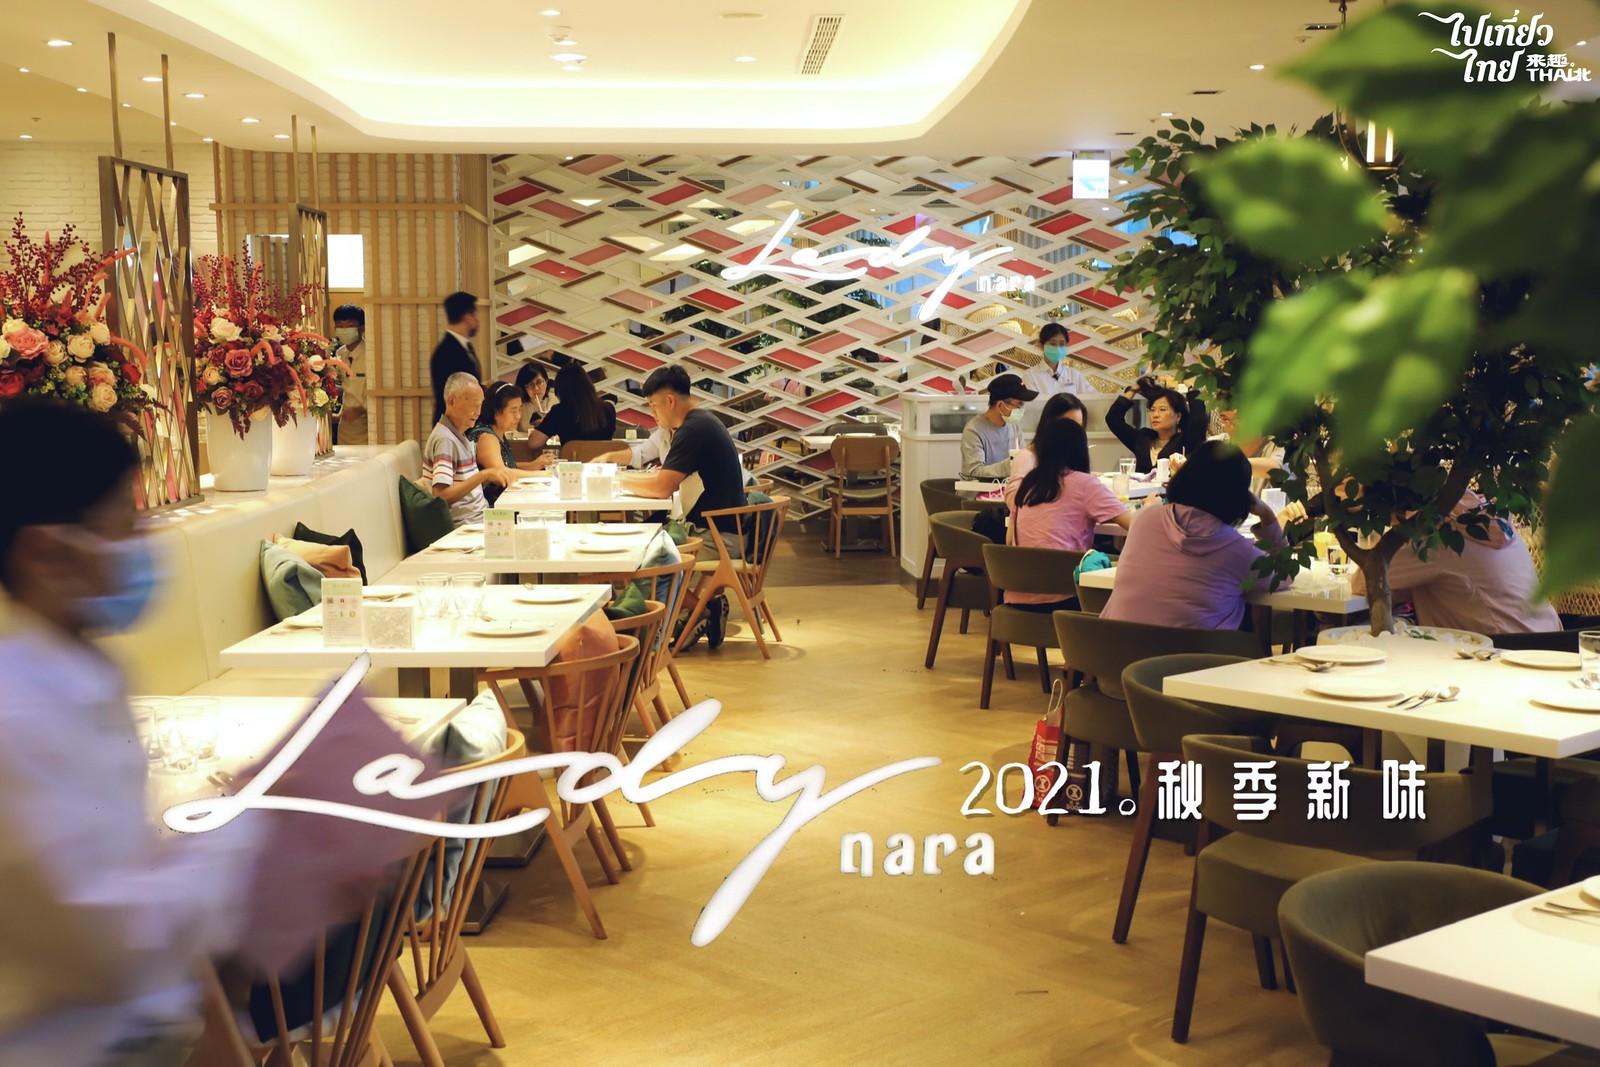 曼谷新時尚.泰式料理【Lady nara】 2021。秋季新味